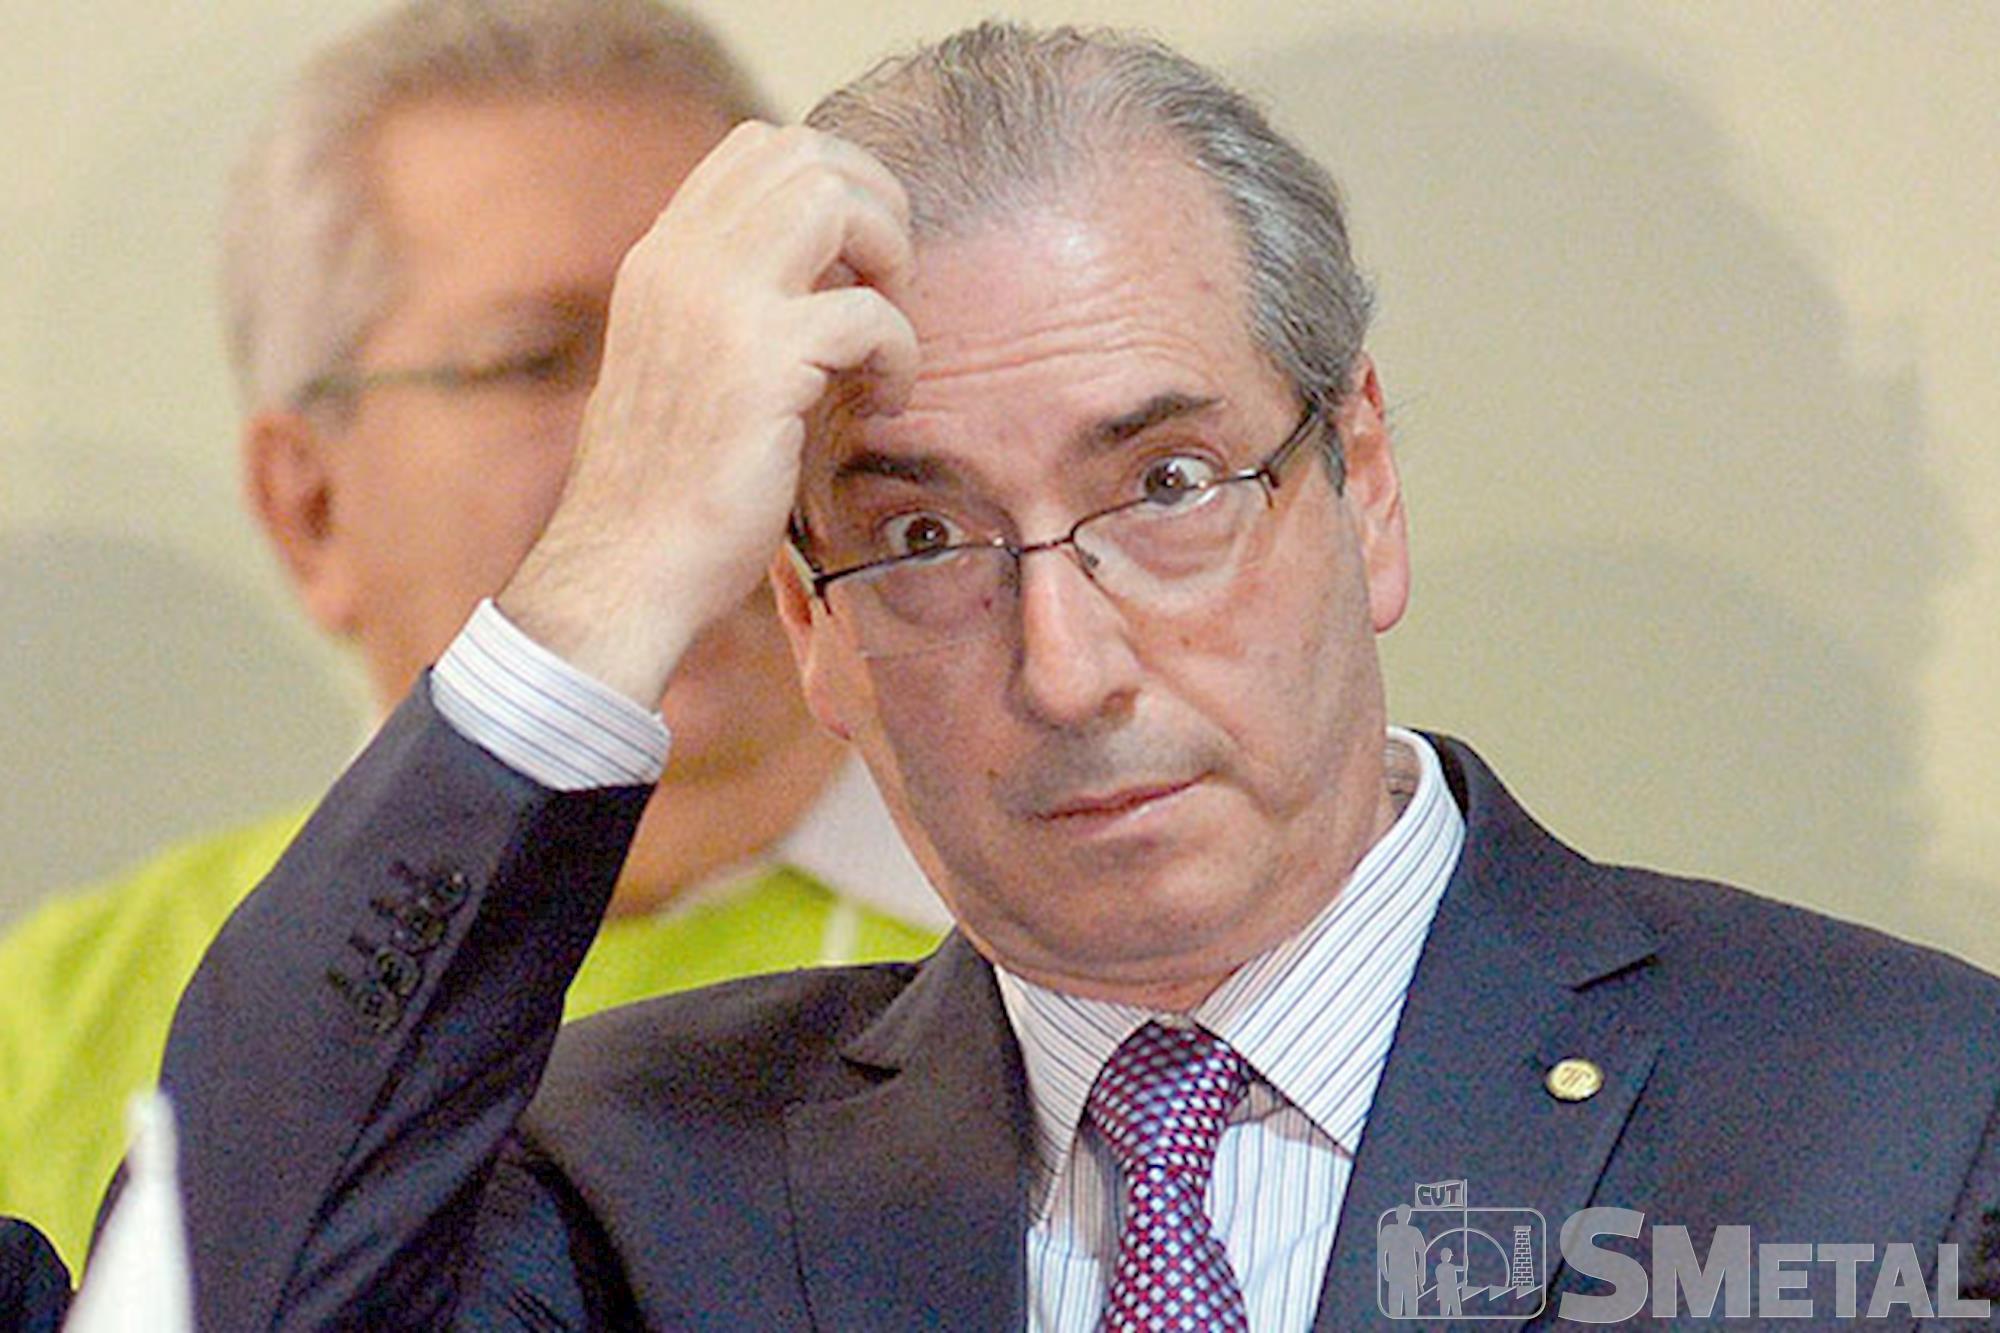 Deputado Federal: Eduardo Cunha, Quatro políticos do PMDB receberam pedido de prisão